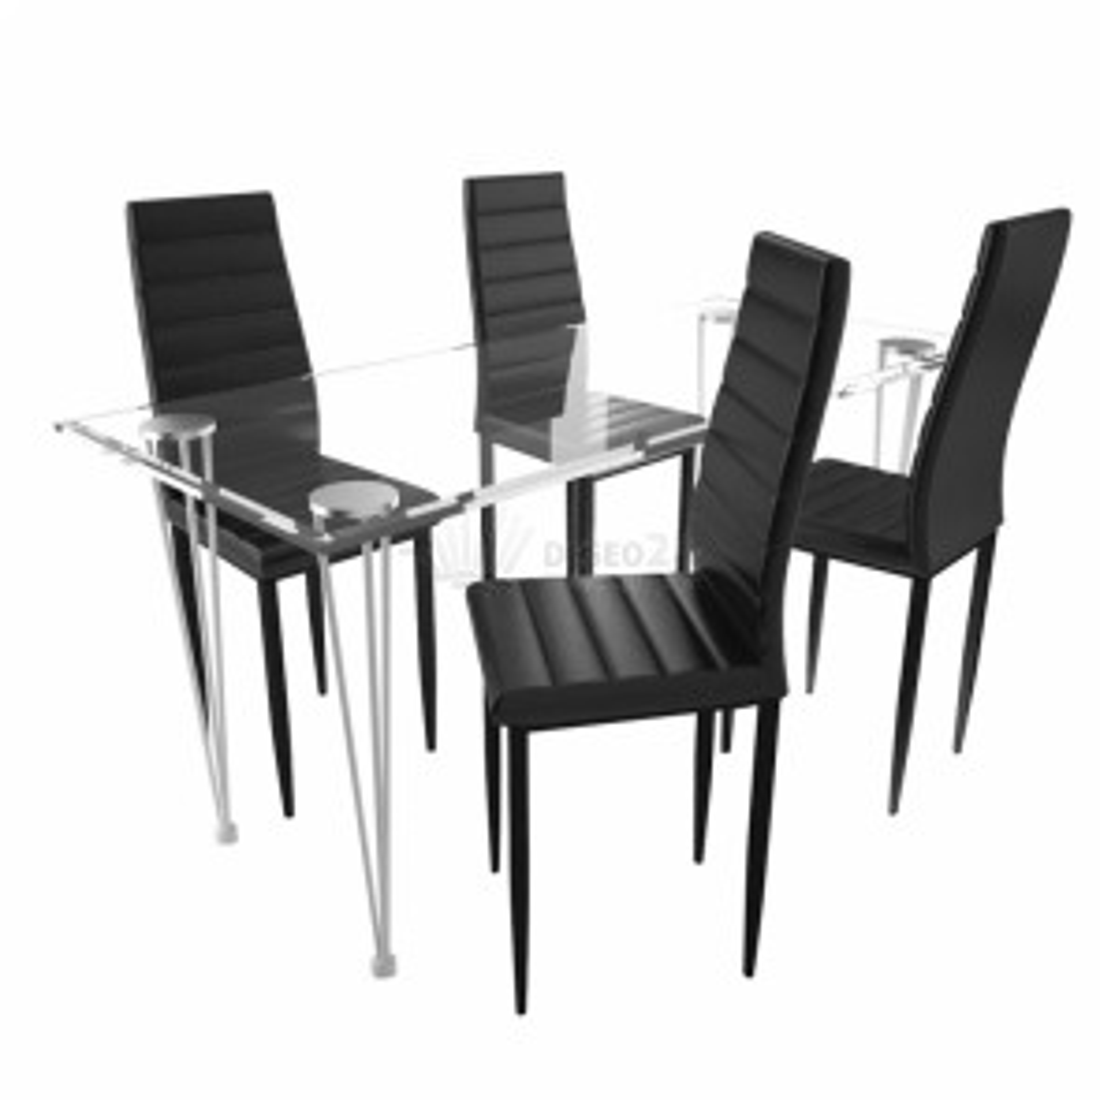 Jídelní set: černé židle štíhlé 4 ks a 1 skleněný stůl